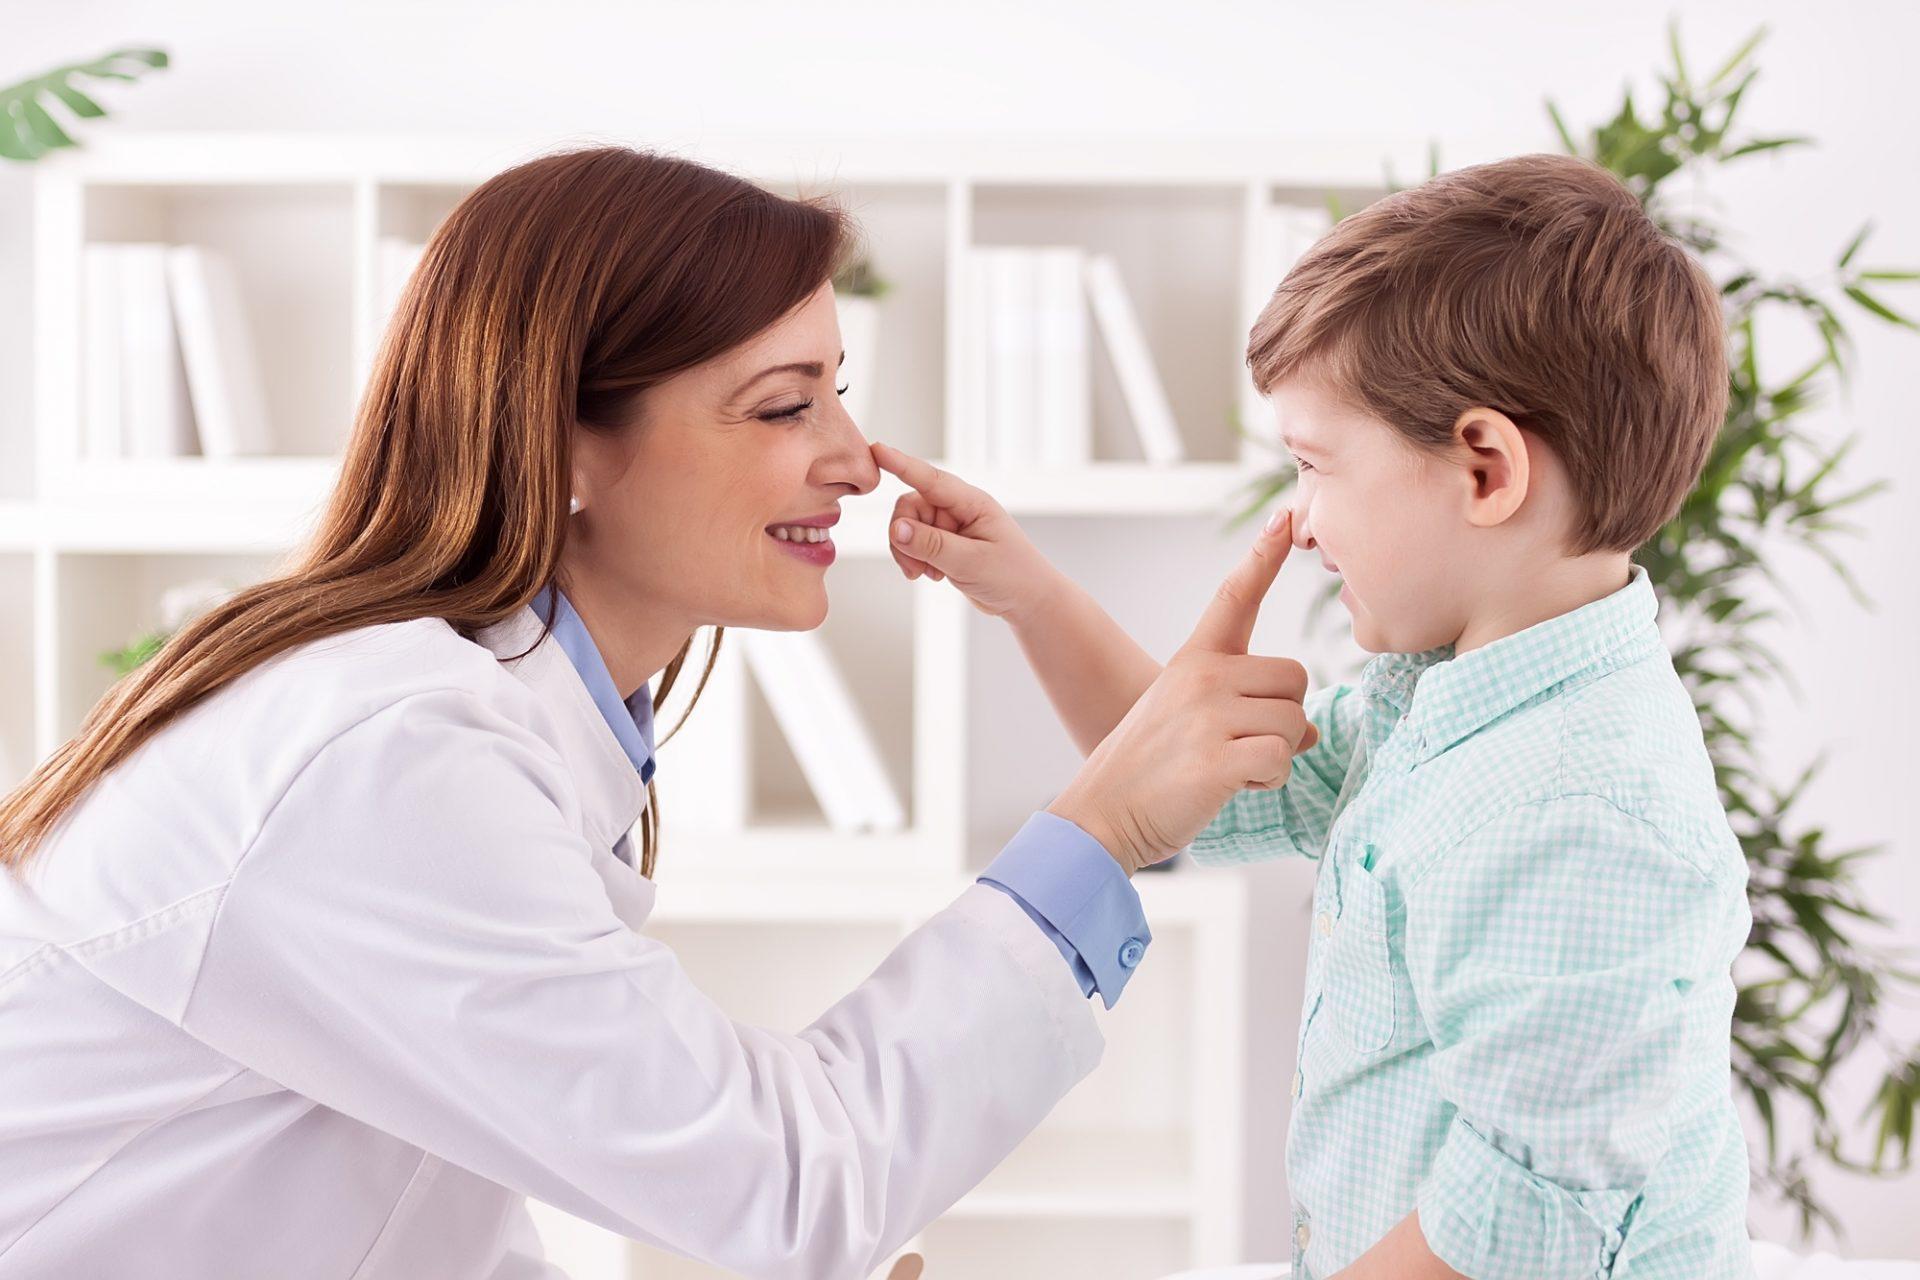 Na pediatria, qual melhor vitamina D